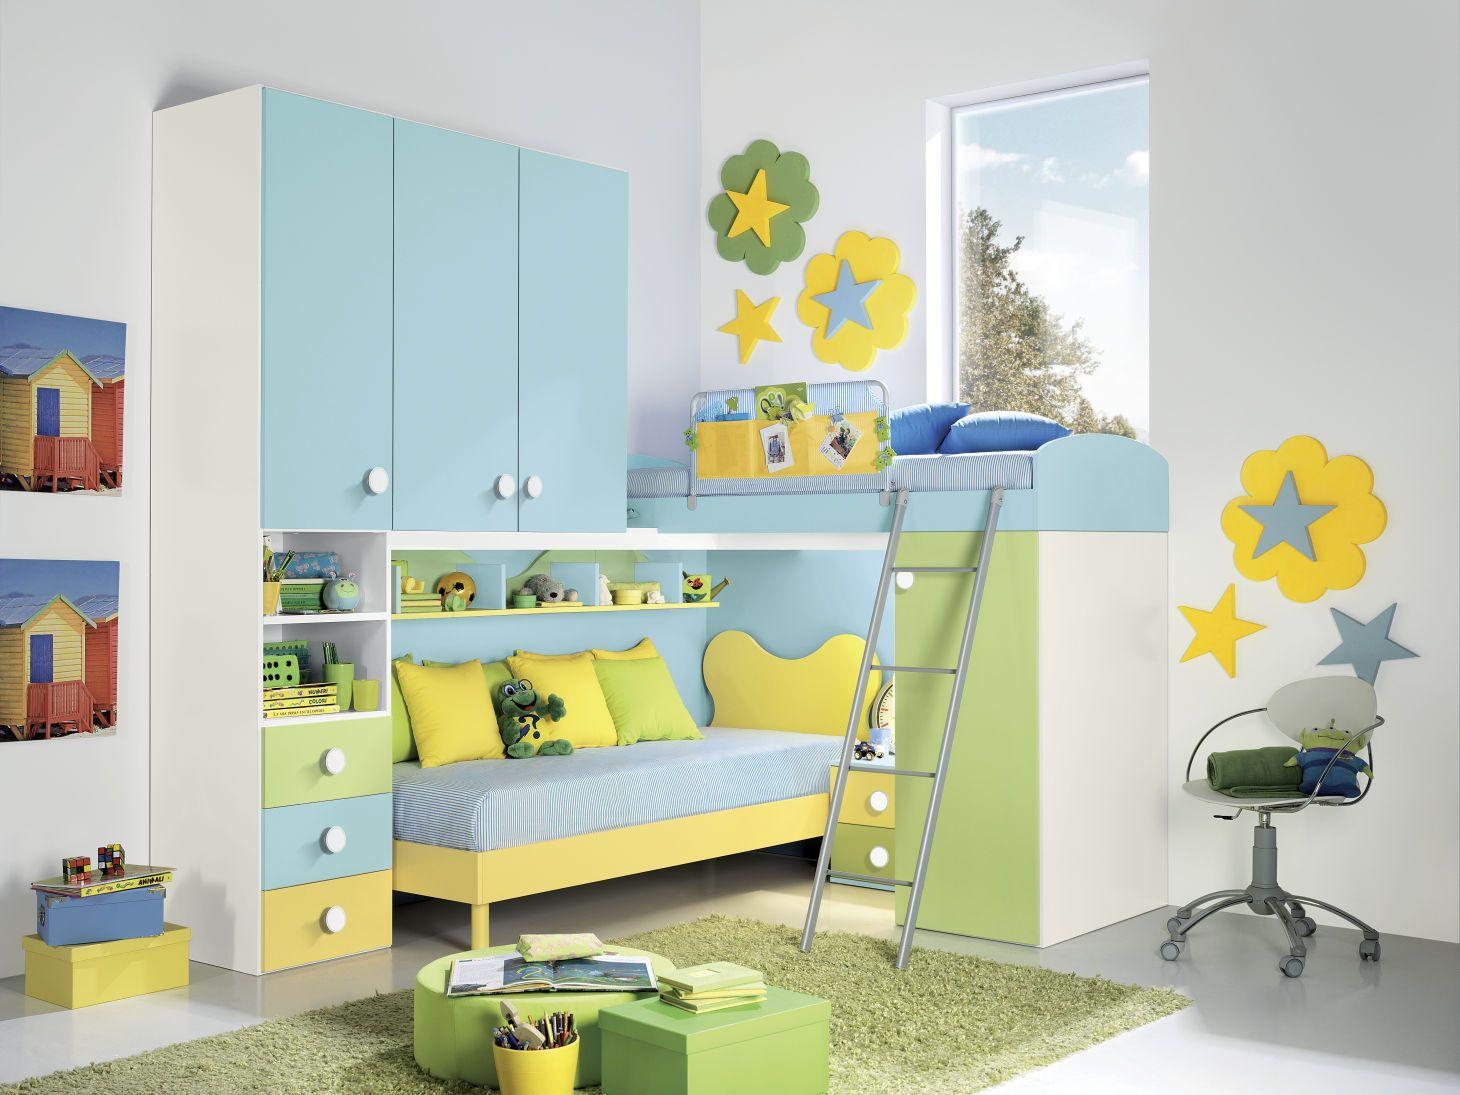 Cameretta Winx ~ 11 migliori immagini arredamento su pinterest camera da letto